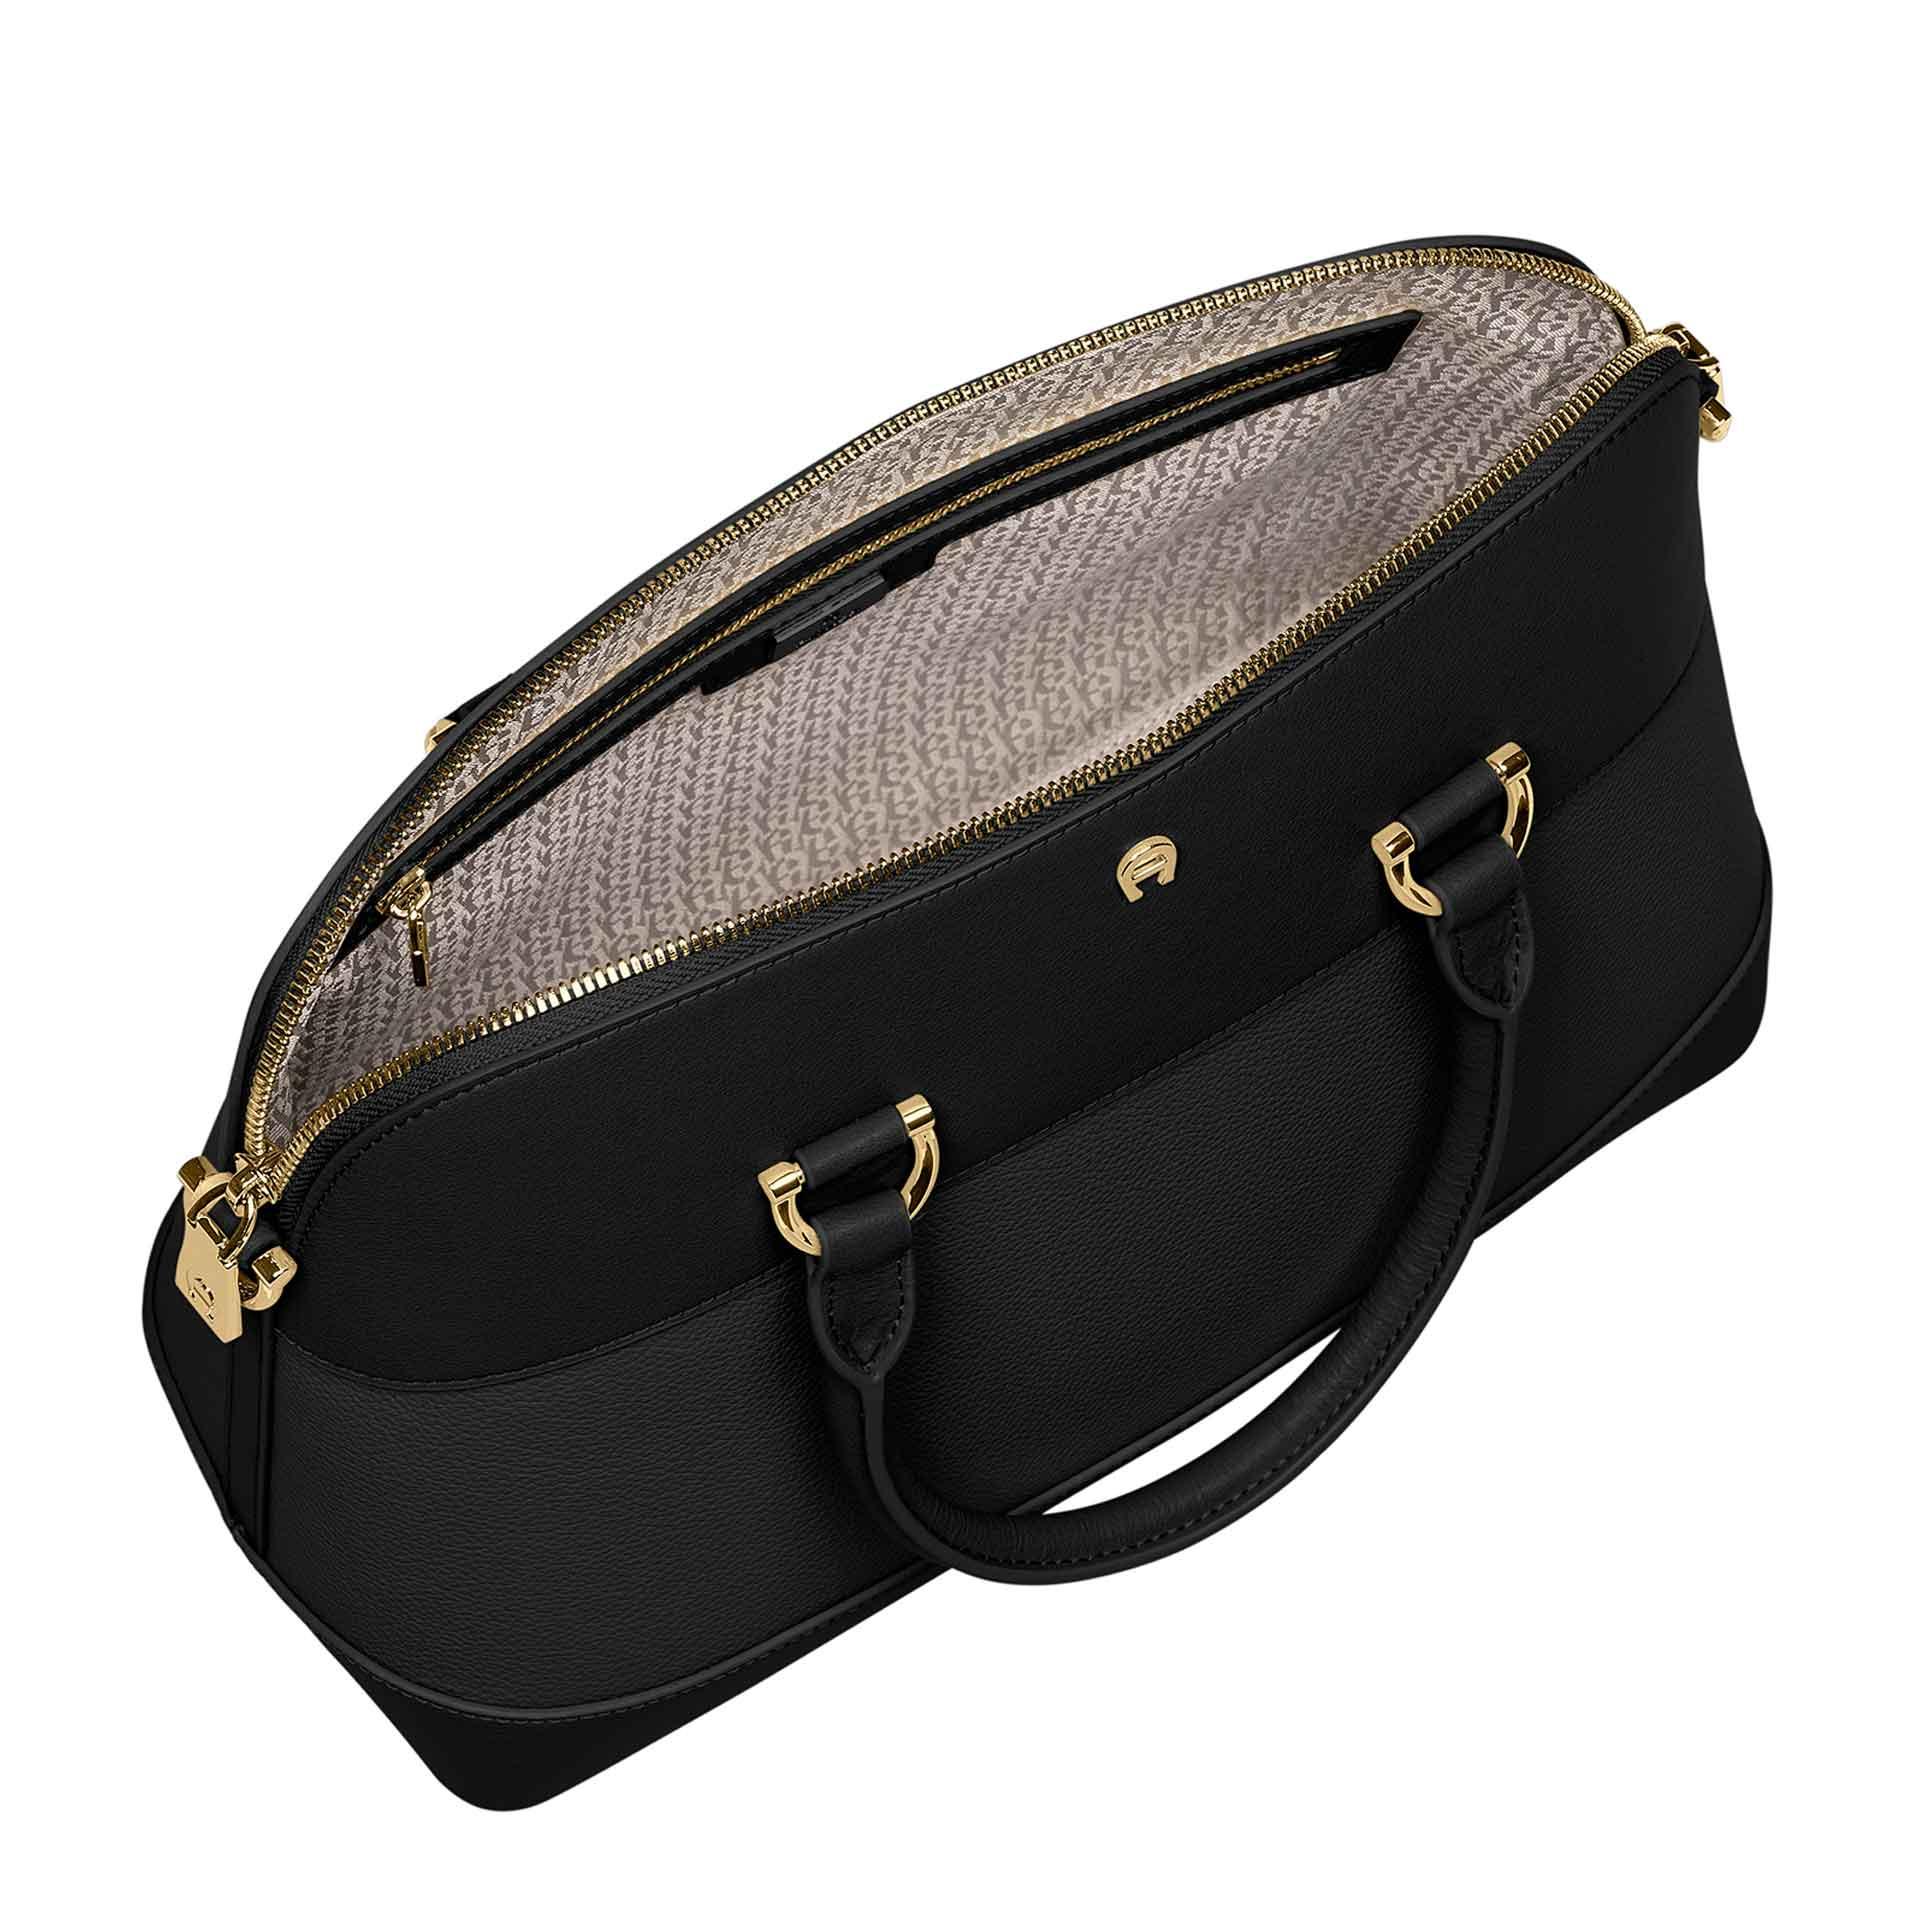 Aigner Adria Handtasche M black